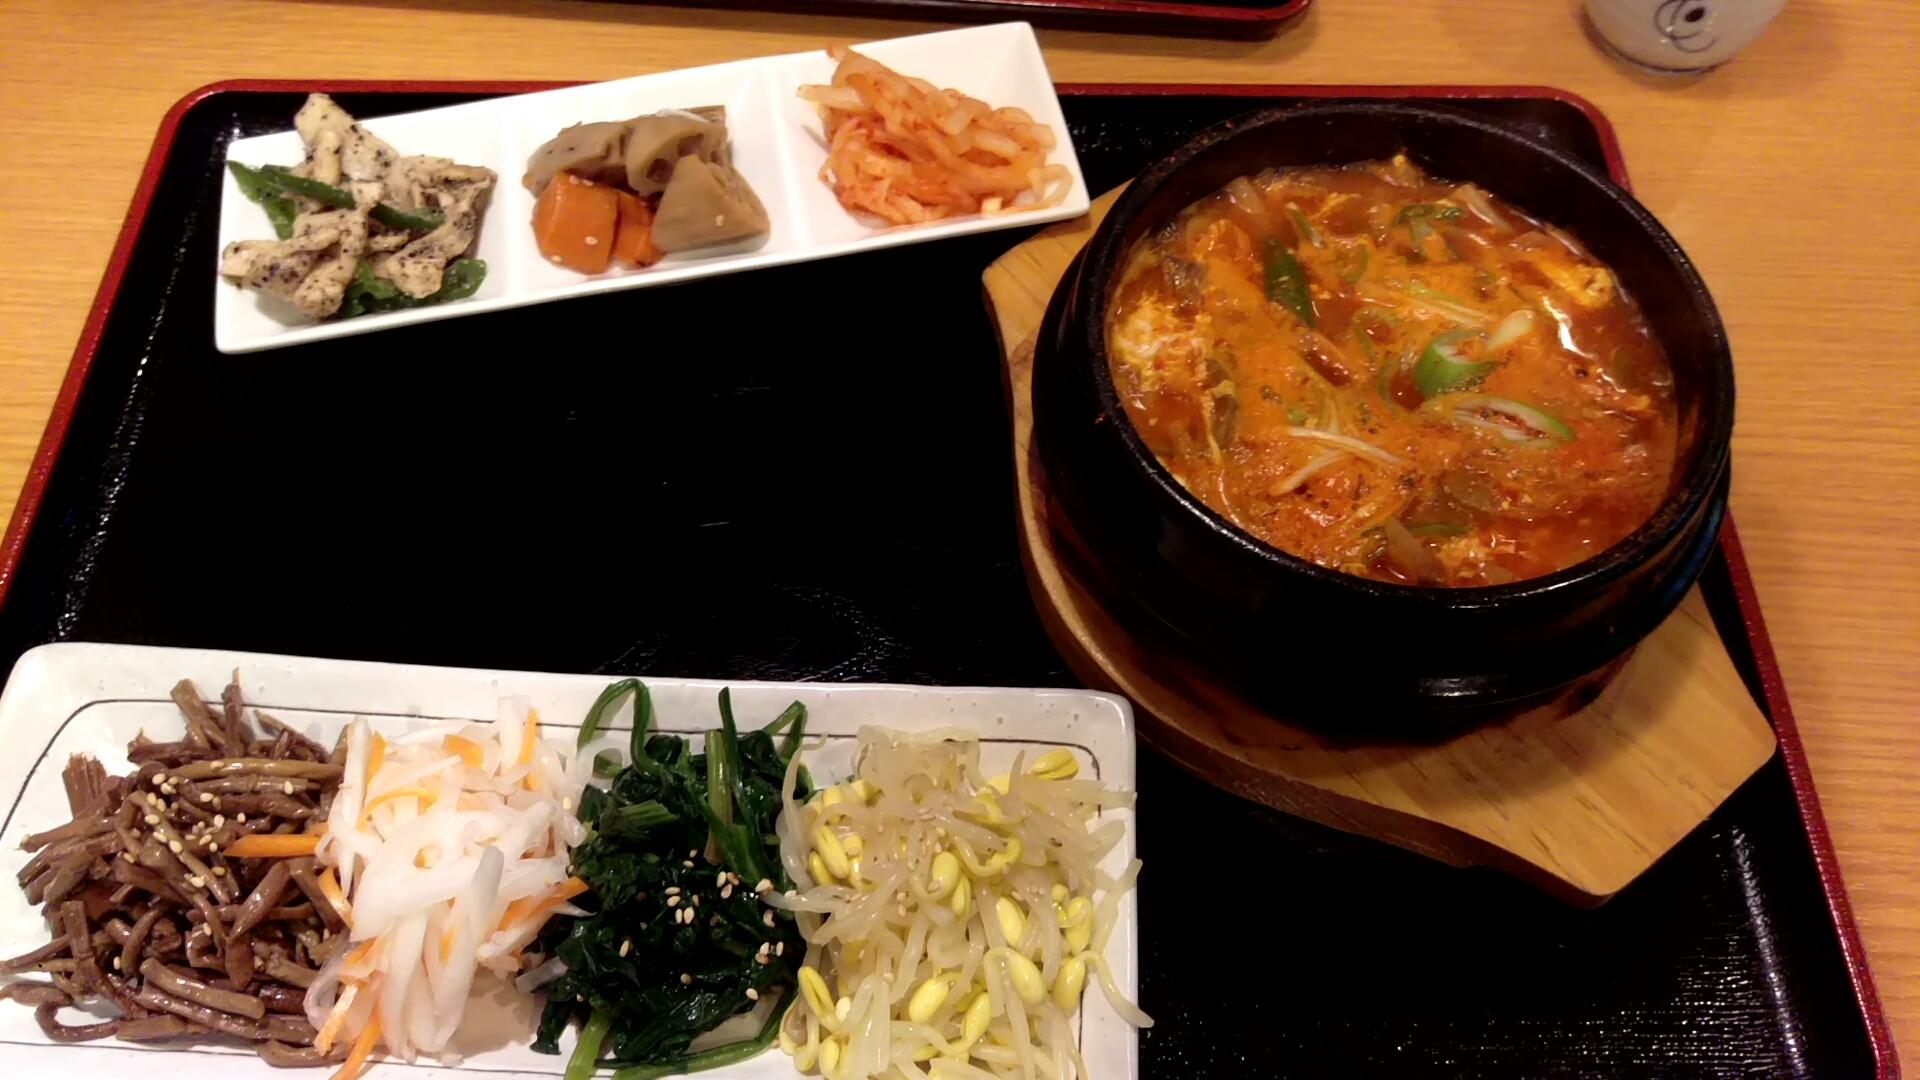 ユッケジャンスープとナムル盛り合わせ@新味楽さん